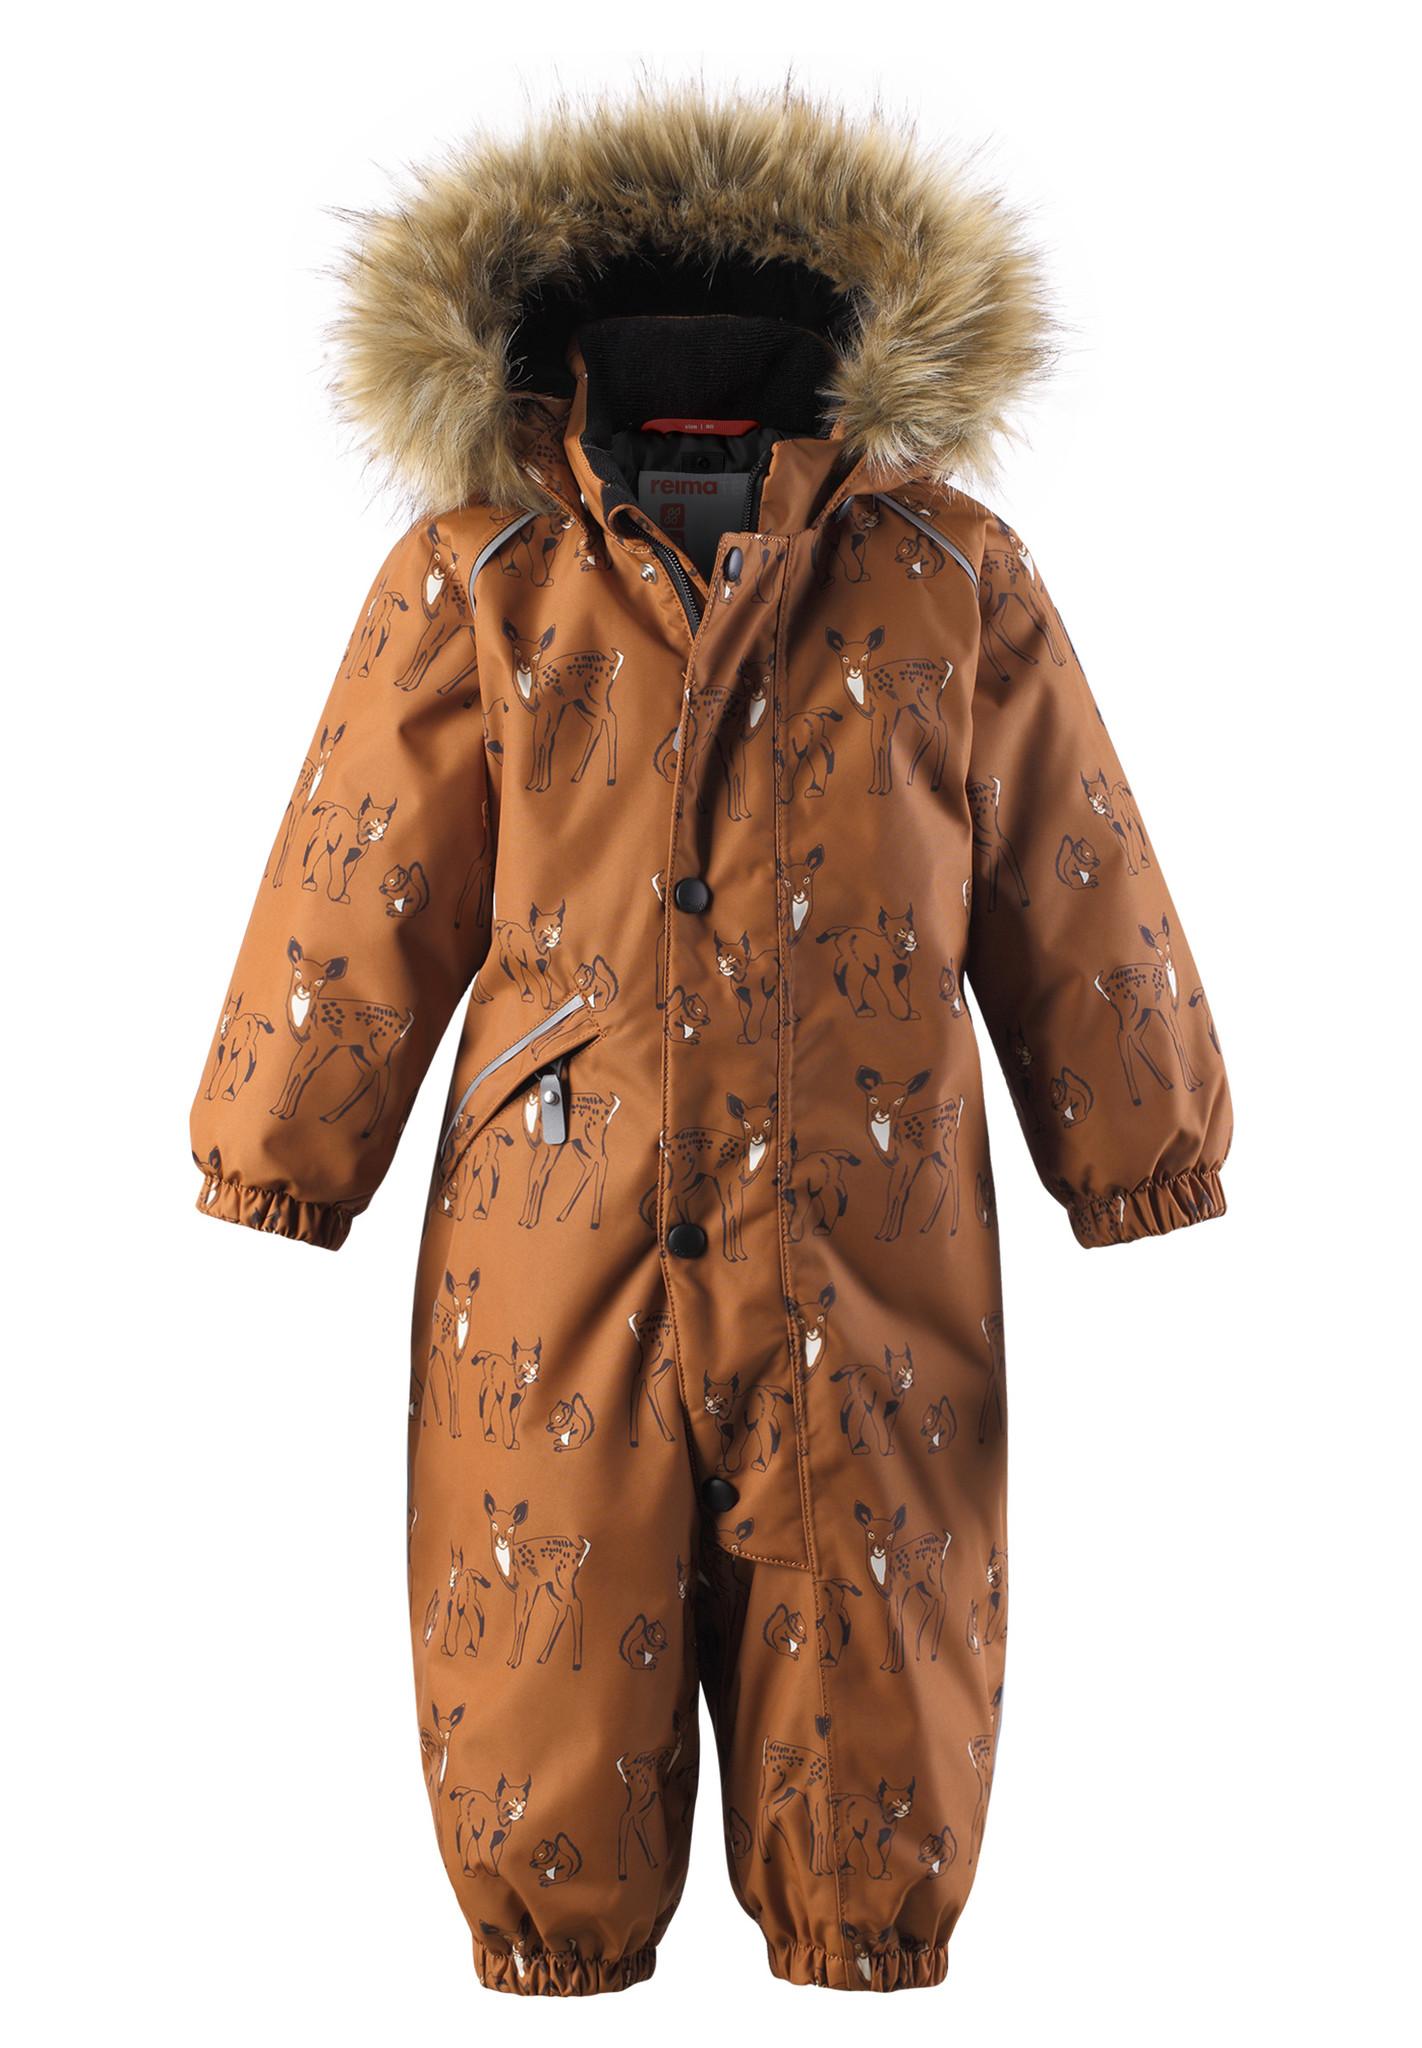 Großhandelsverkauf offizielle Bilder gesamte Sammlung Reimatec Kleinkinder Schneeanzug Lappi cinnamon brown